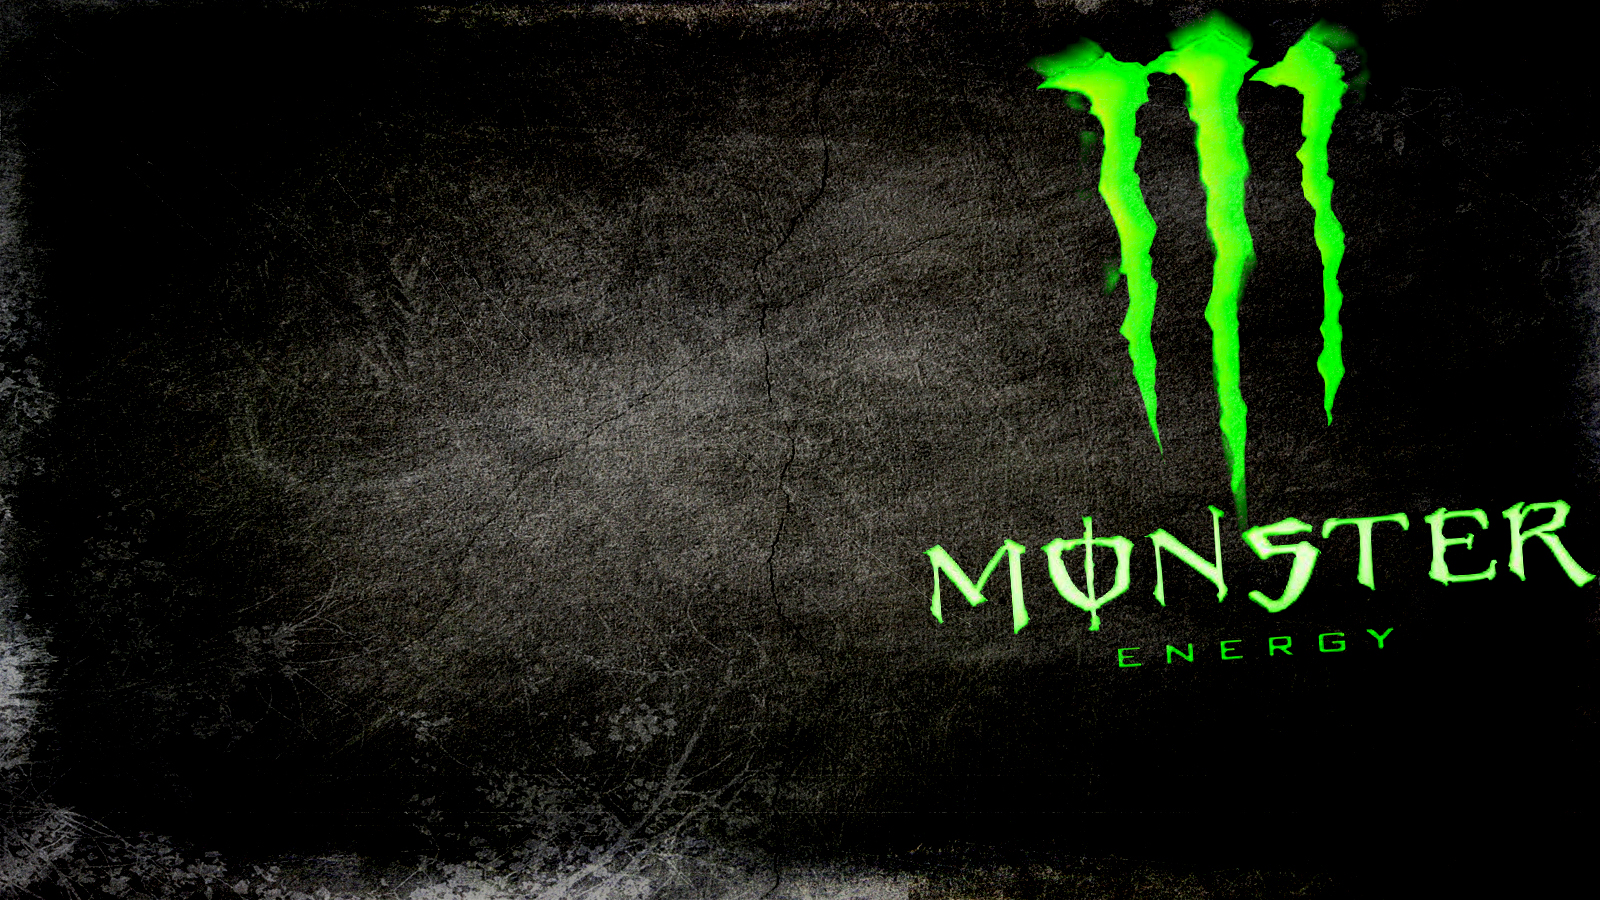 Cool Monster Energy Logo 1600x900